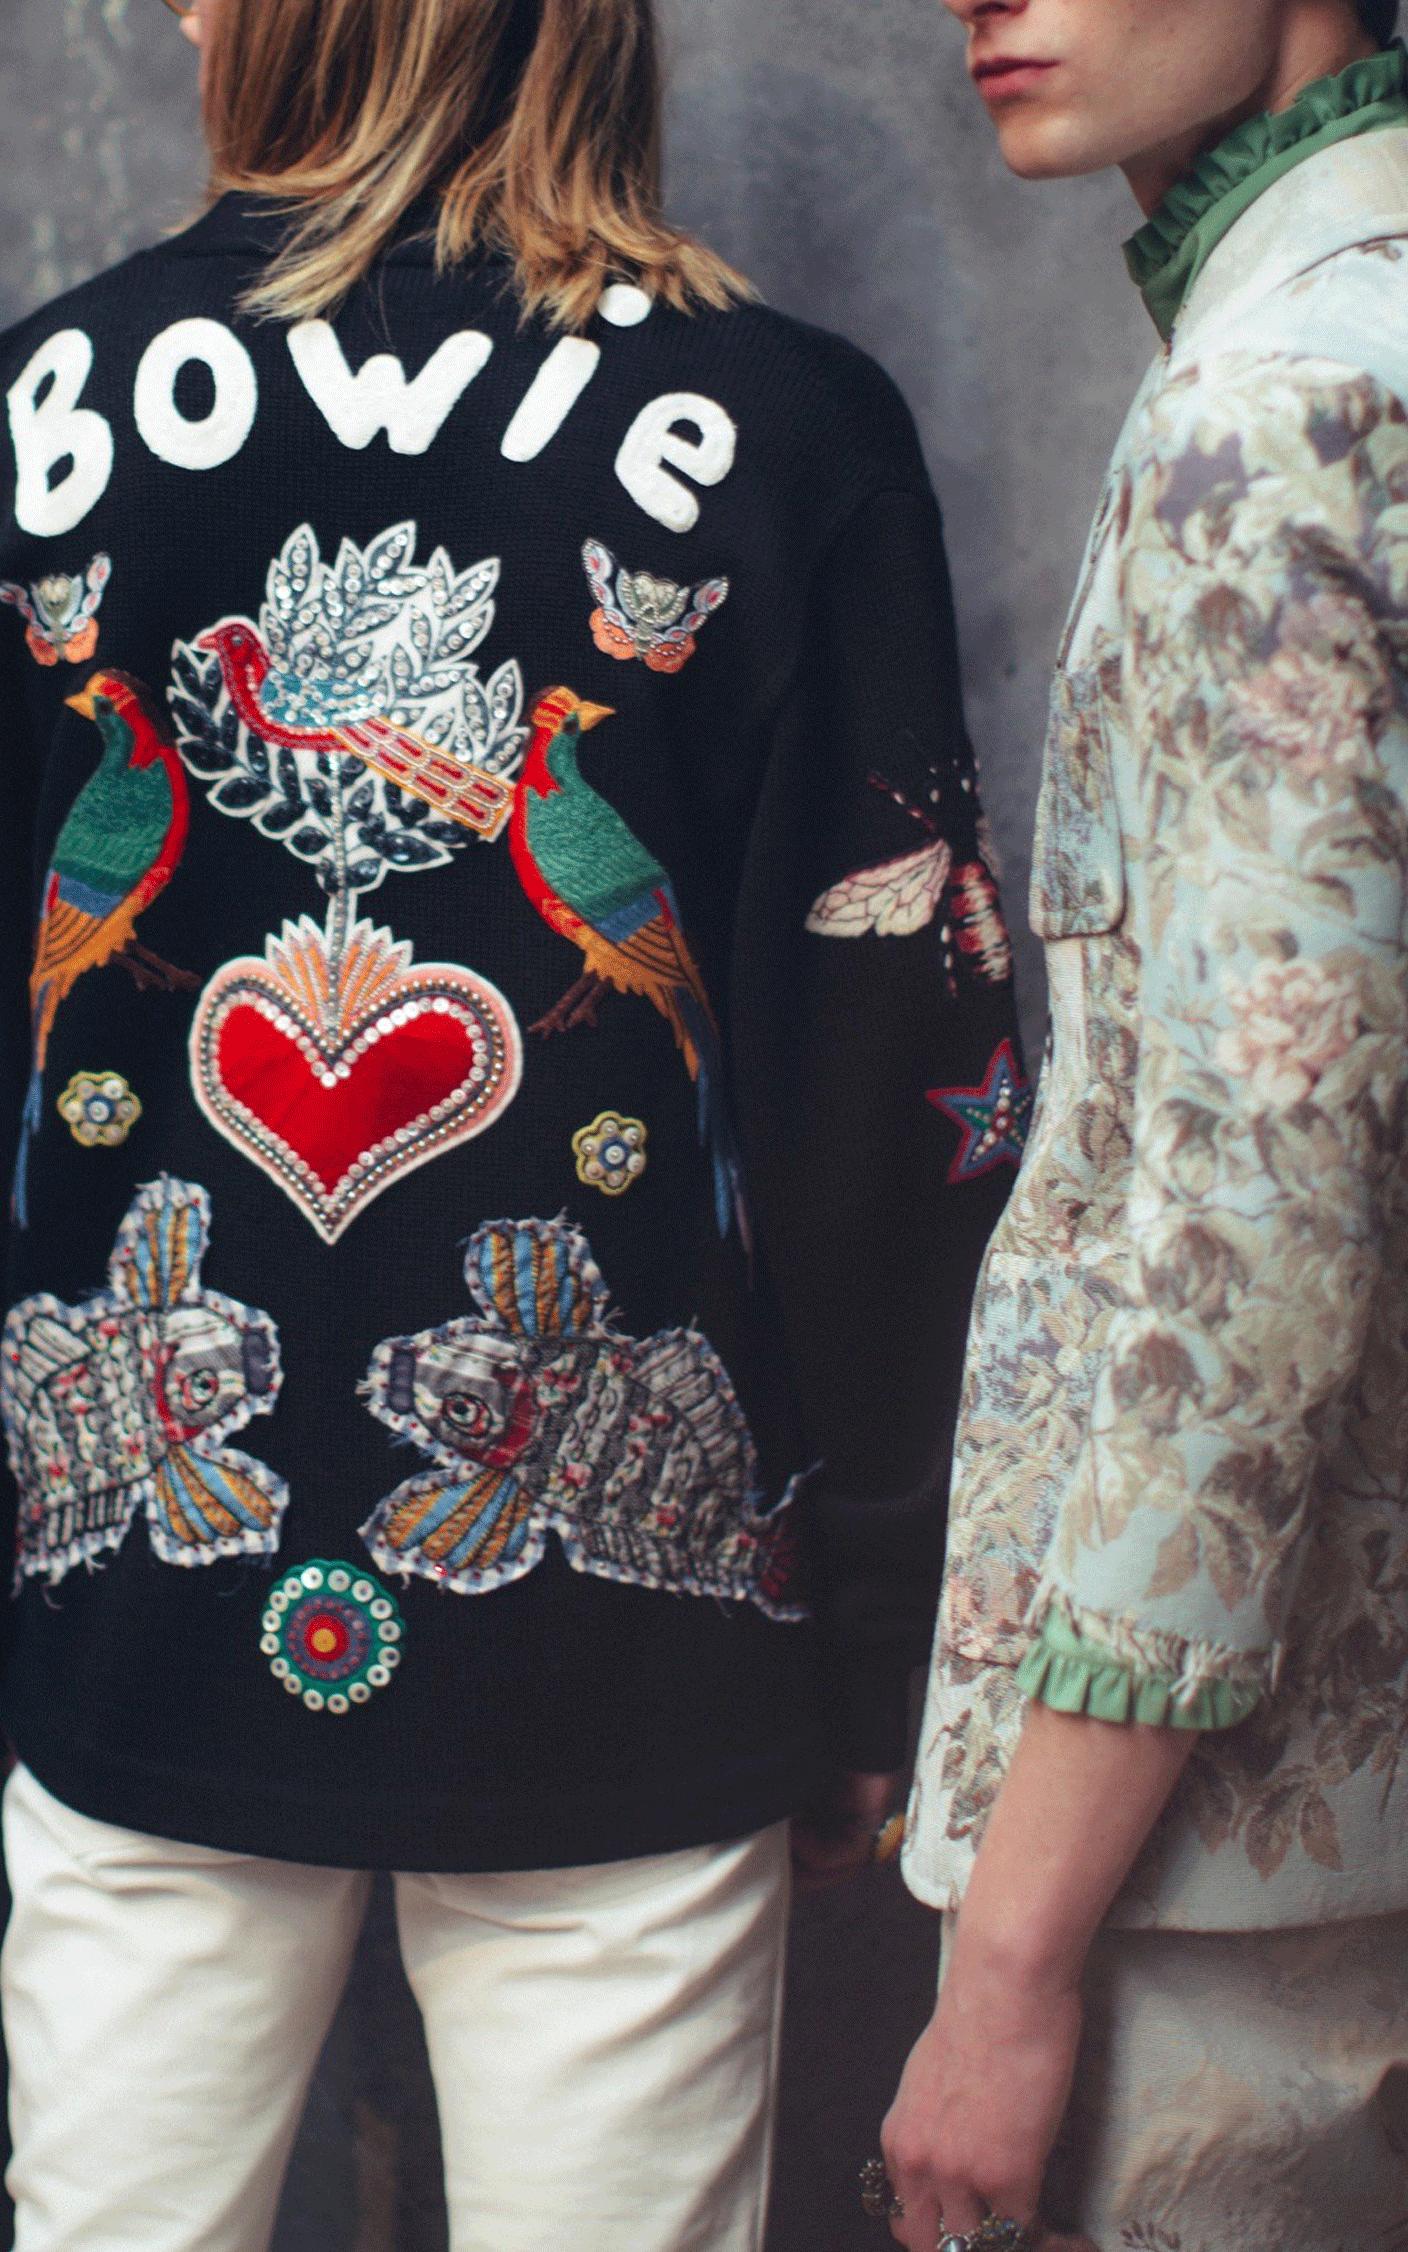 gucci bowie jacket | @themissprints